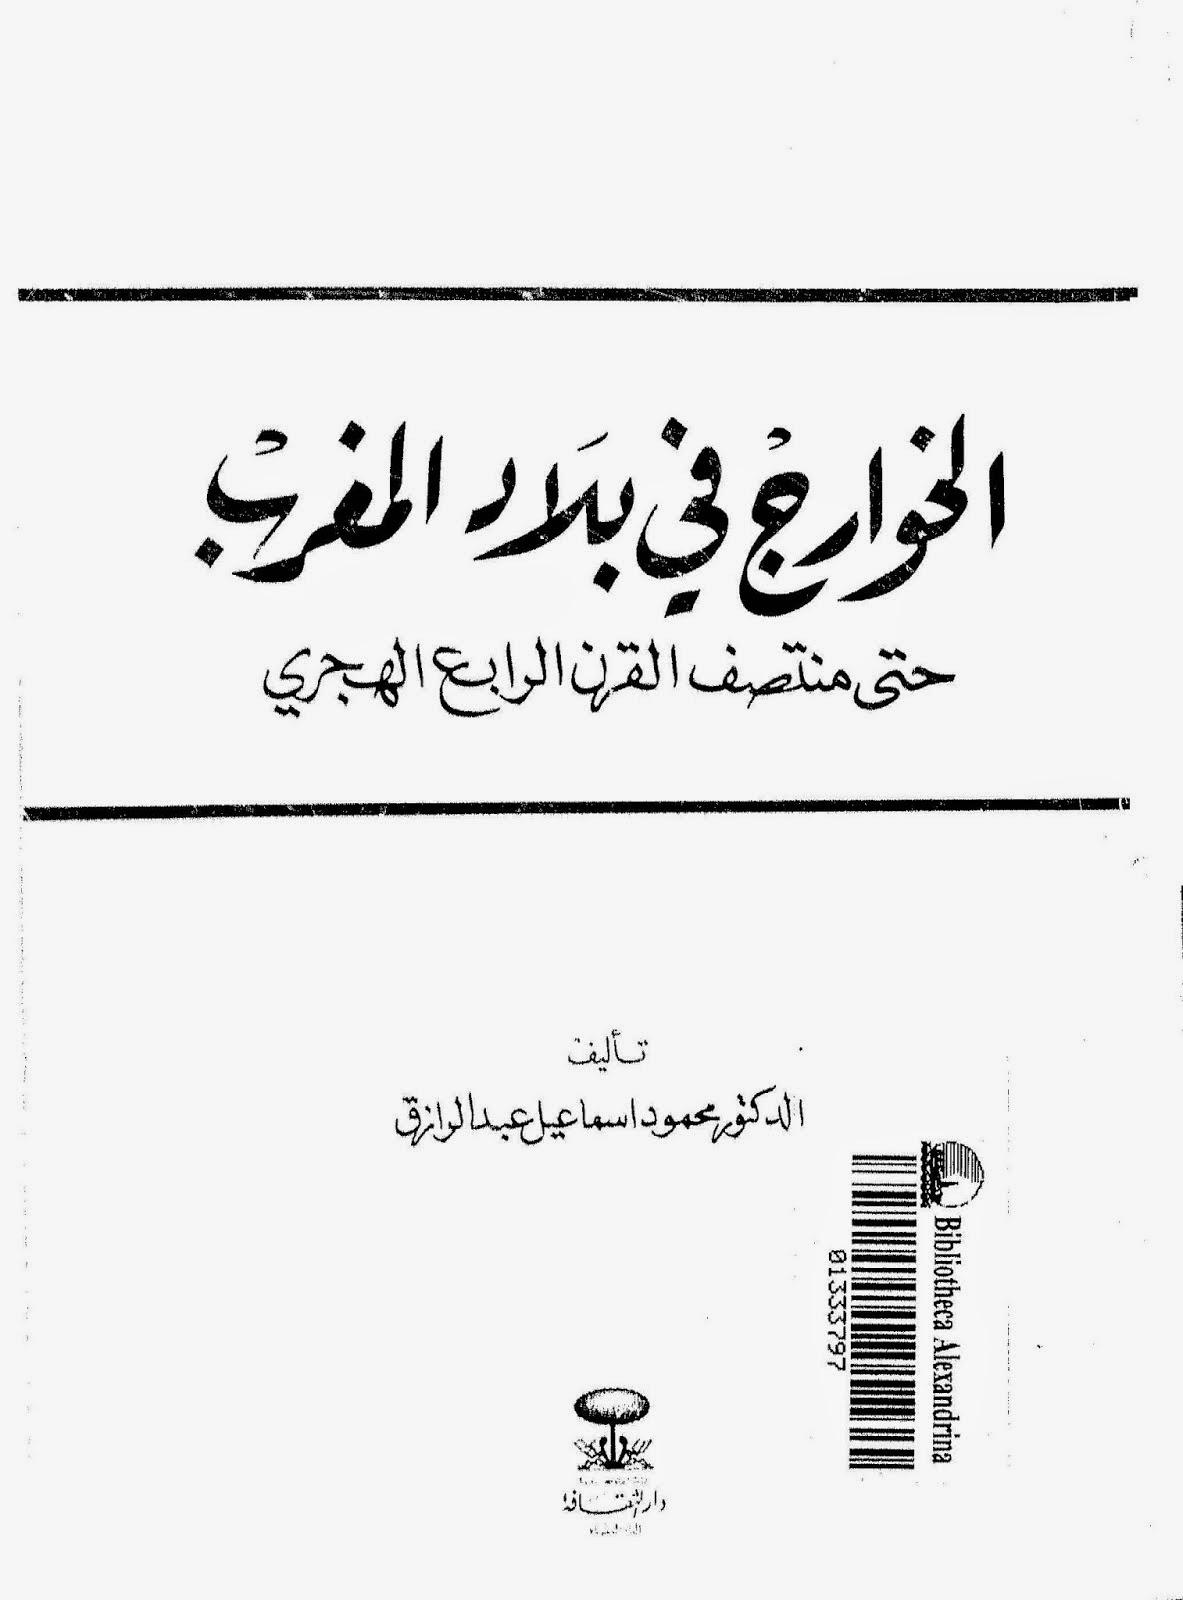 الخوارج في بلاد المغرب حتى منتصف القرن الرابع الهجري لـ محمود إسماعيل عبد الرزاق